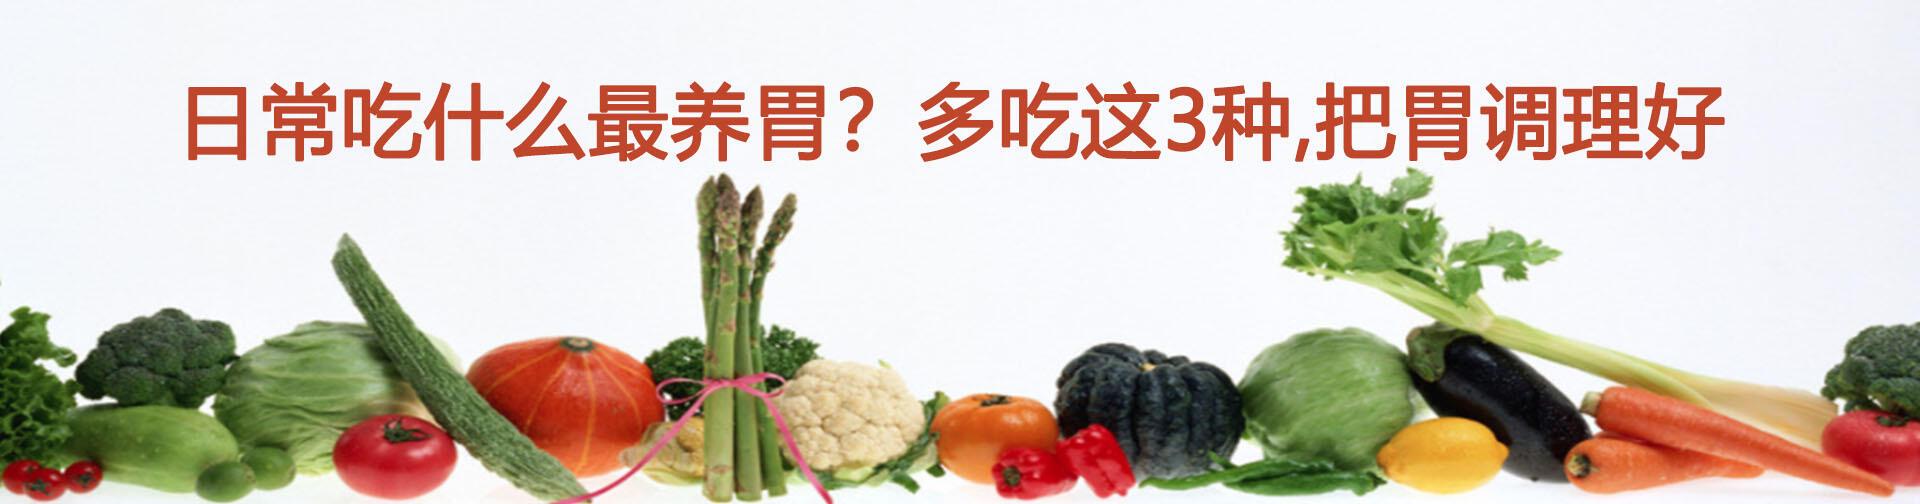 日常吃什么最养胃?多吃这3种食物,把胃调理好